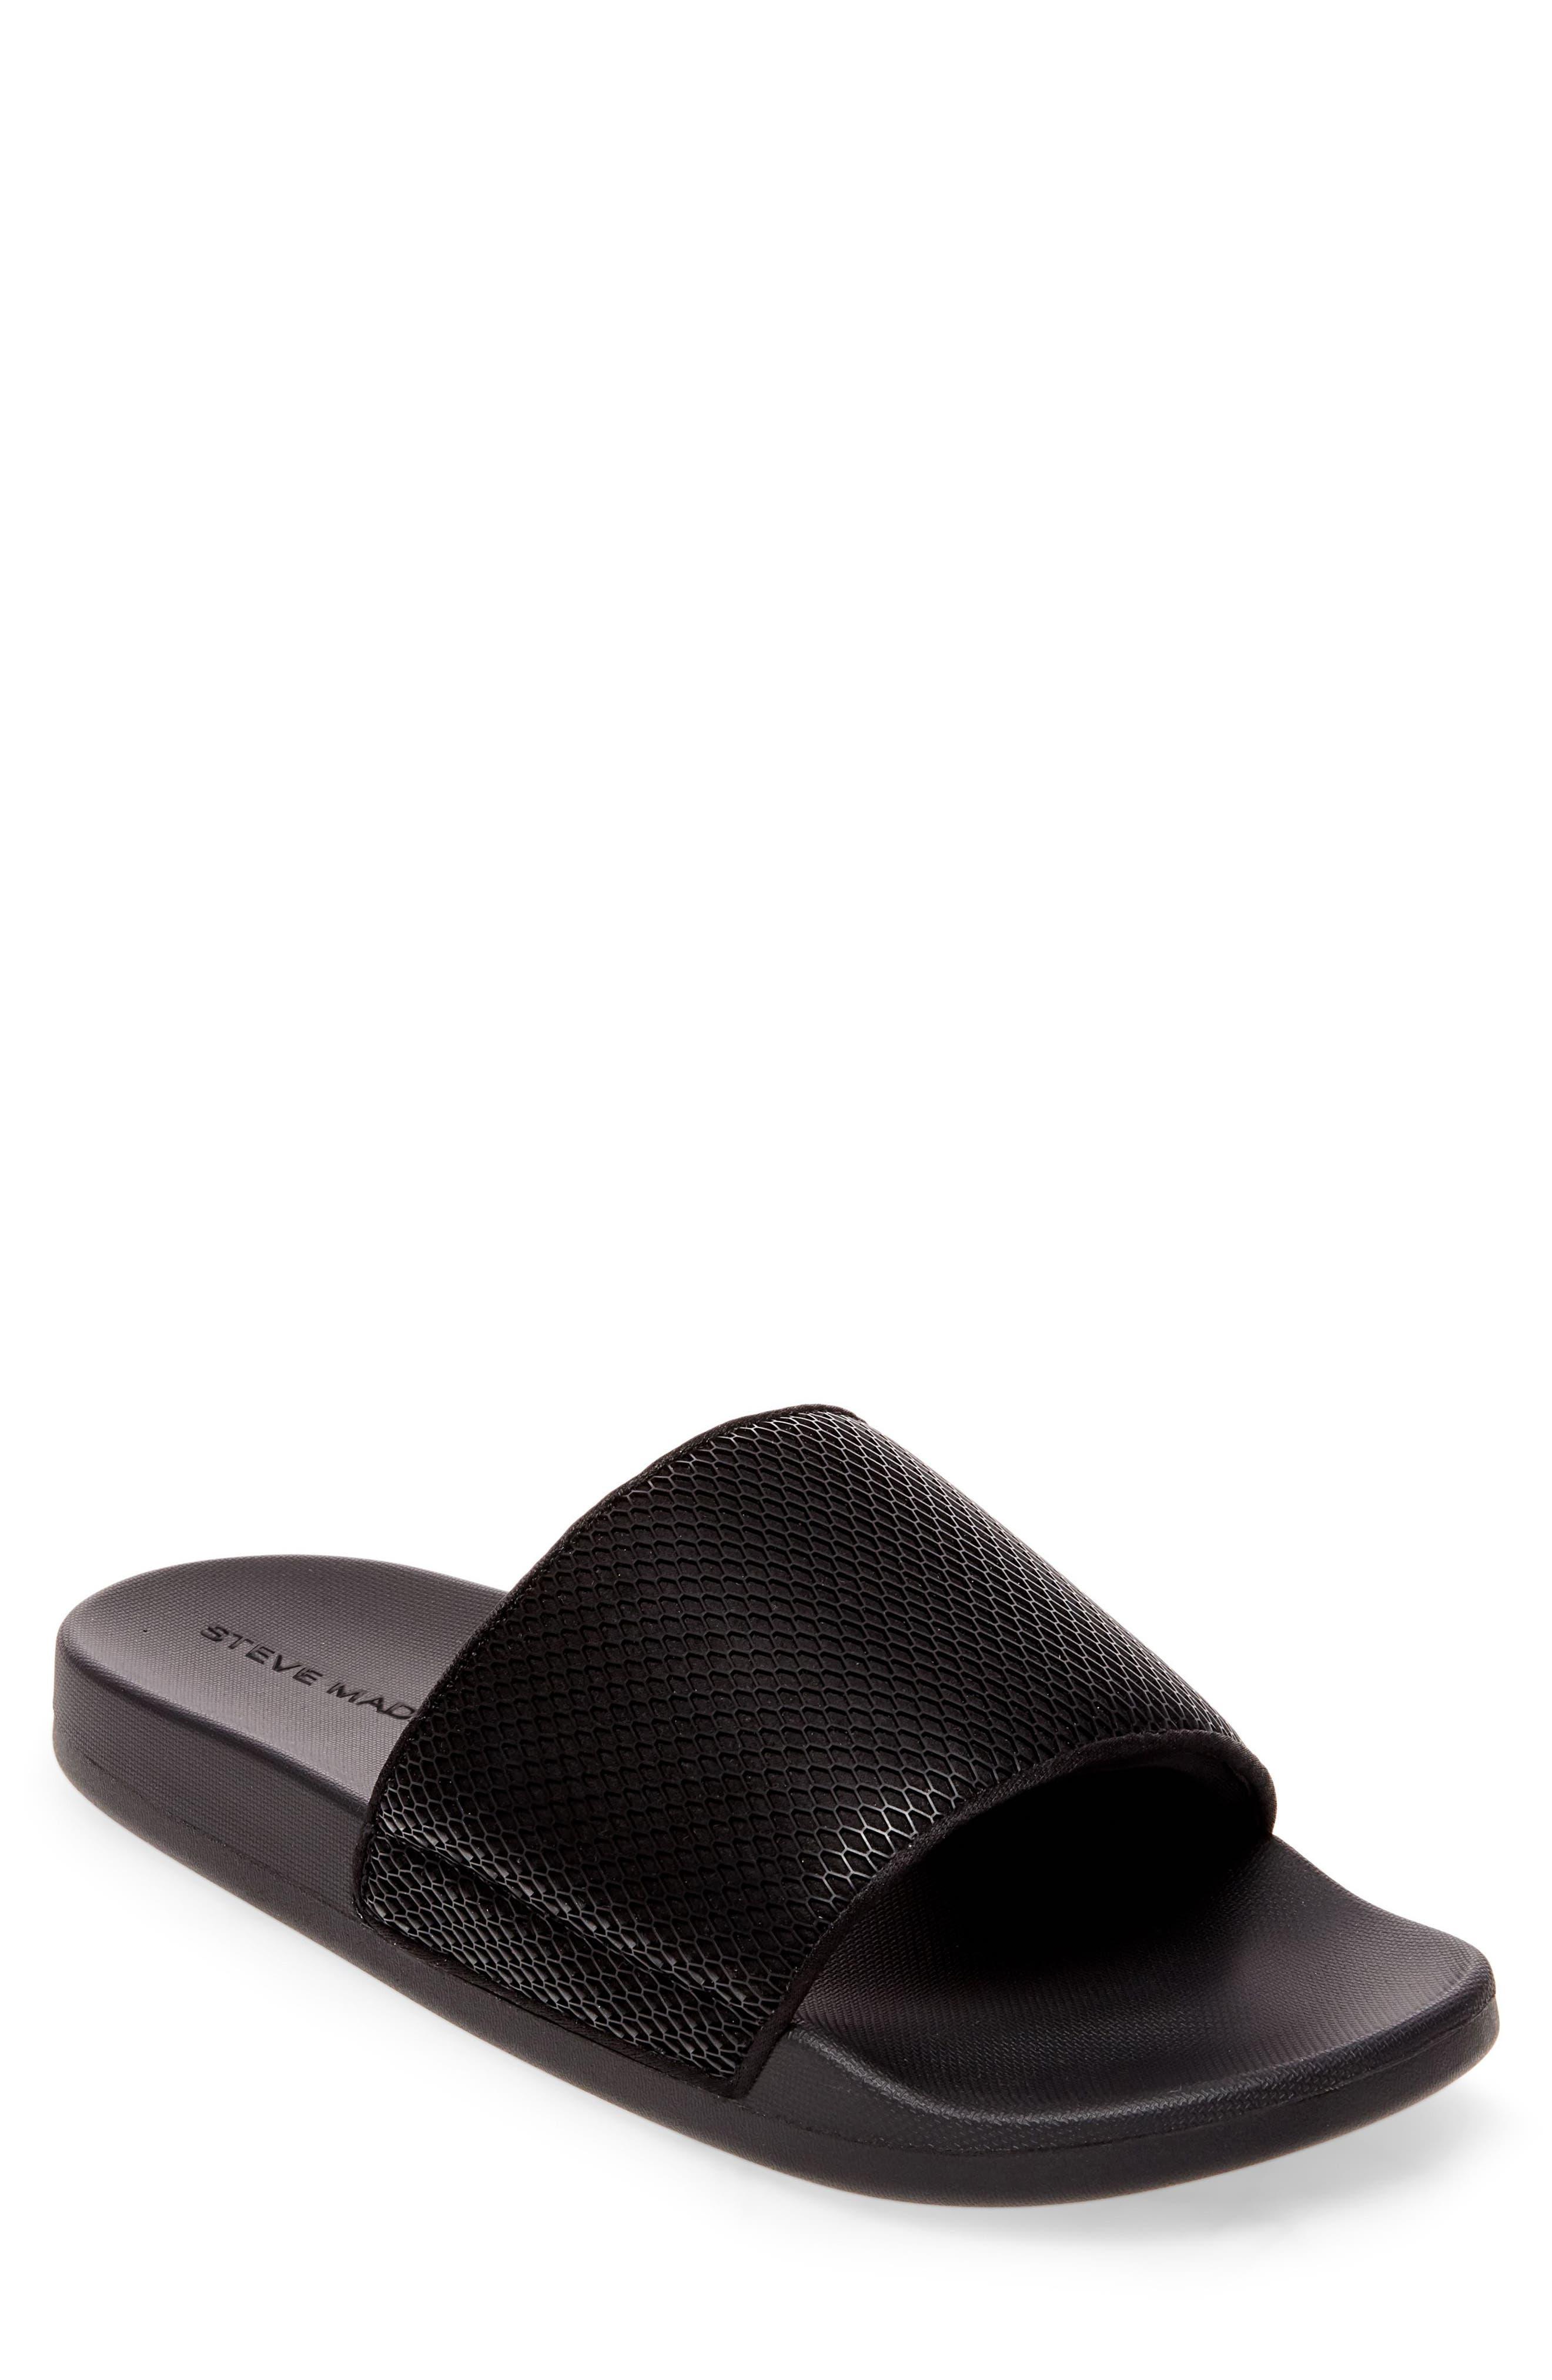 Ransom Slide Sandal,                         Main,                         color, Black